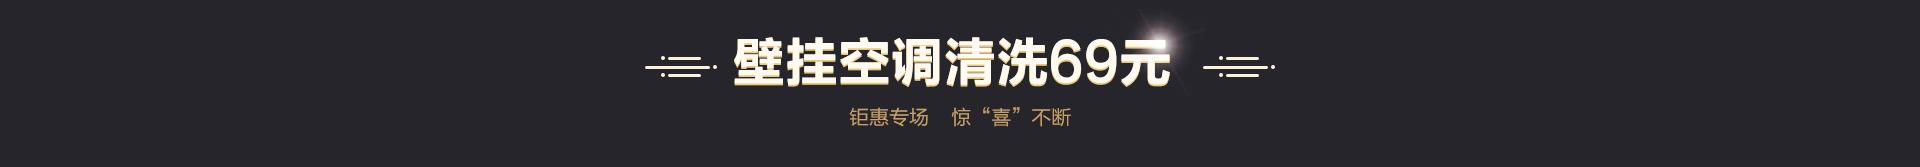 jin5888金沙网站